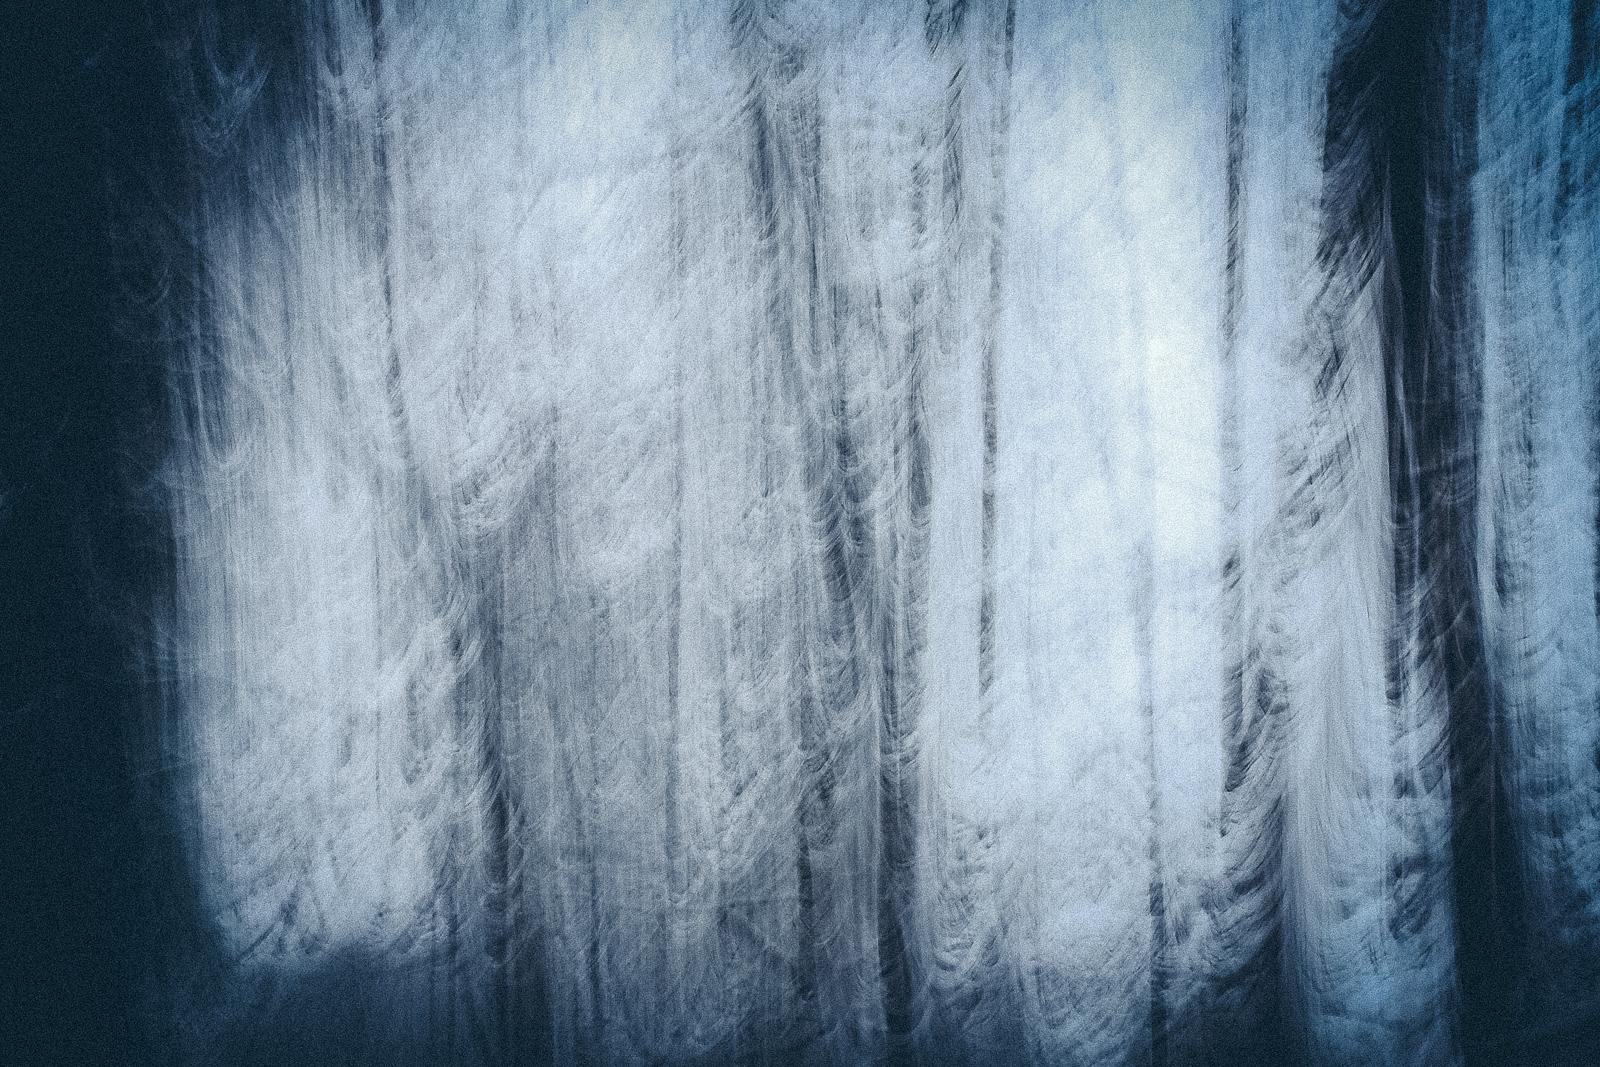 hedy bach images - blue blur 10